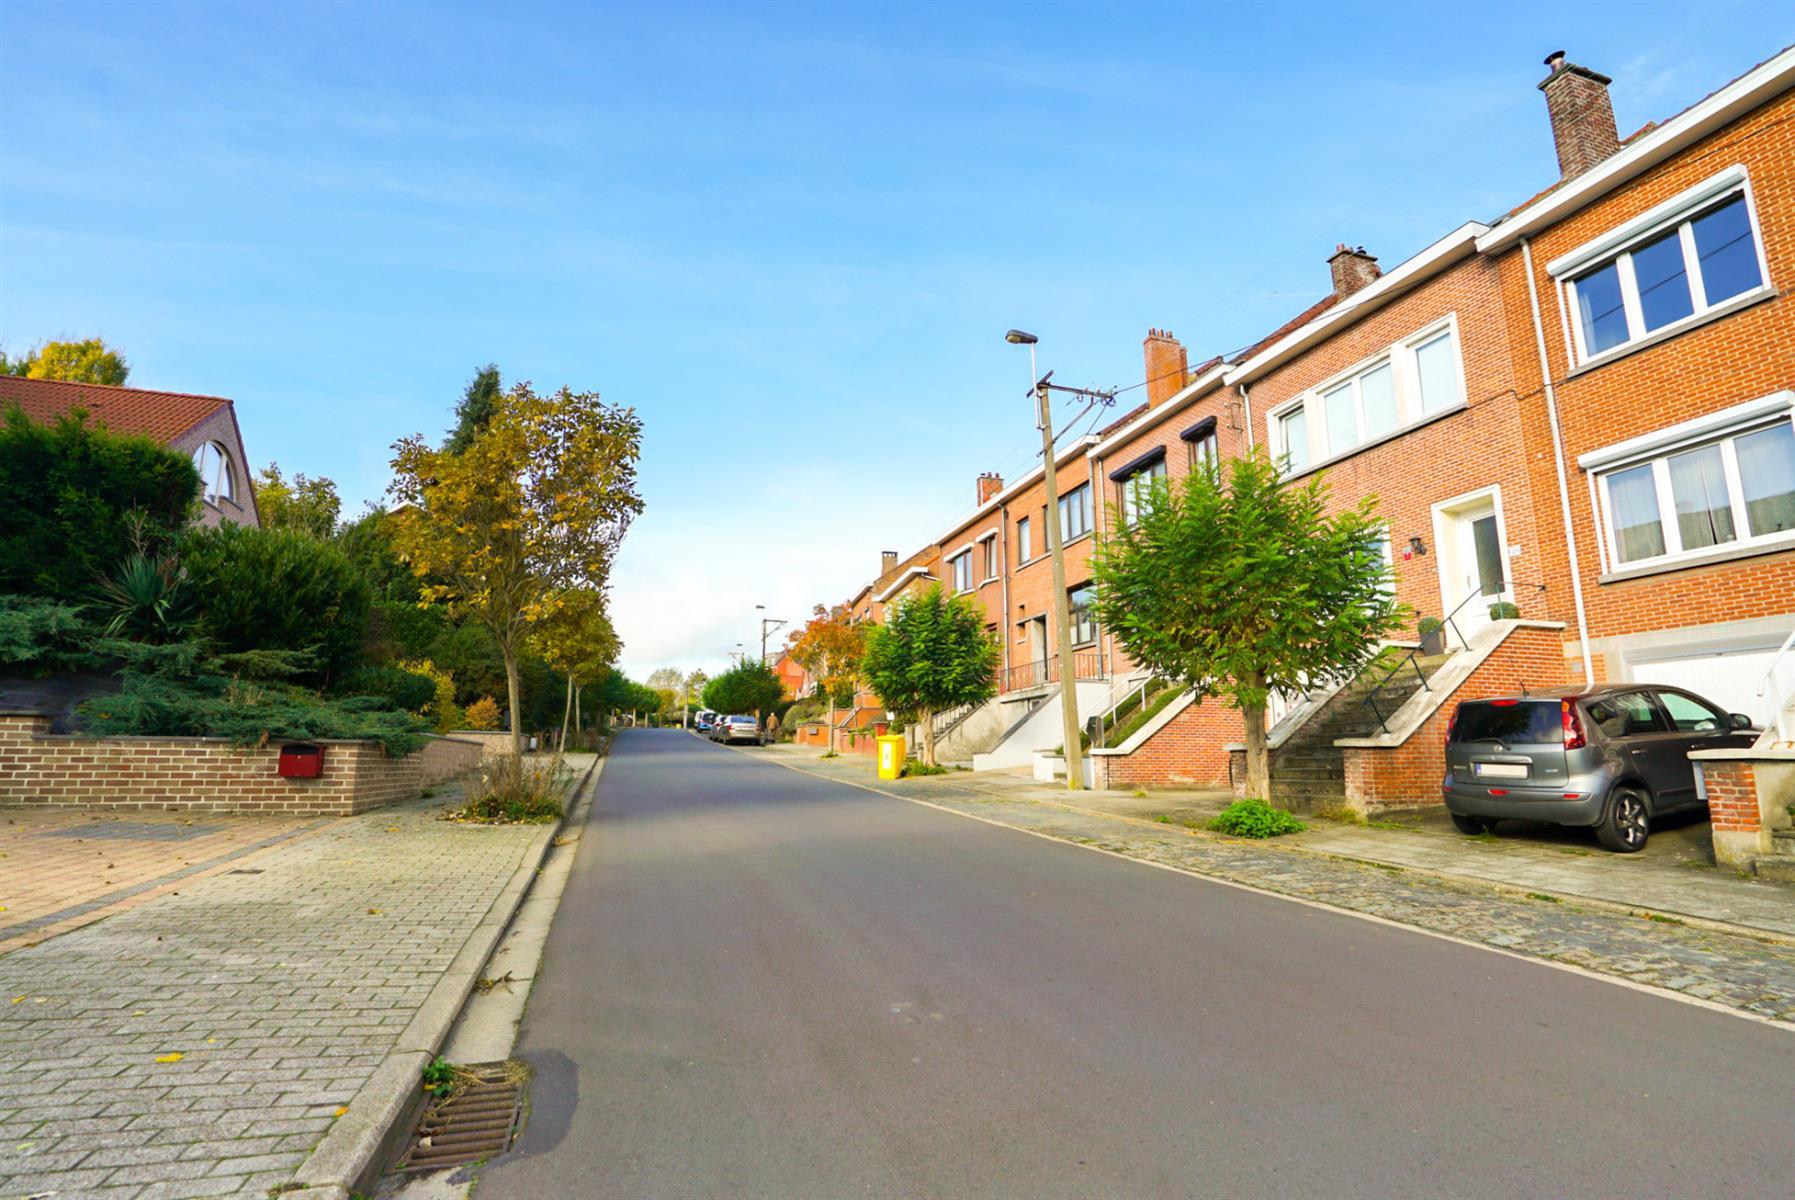 Maison - Nivelles - #3880357-16